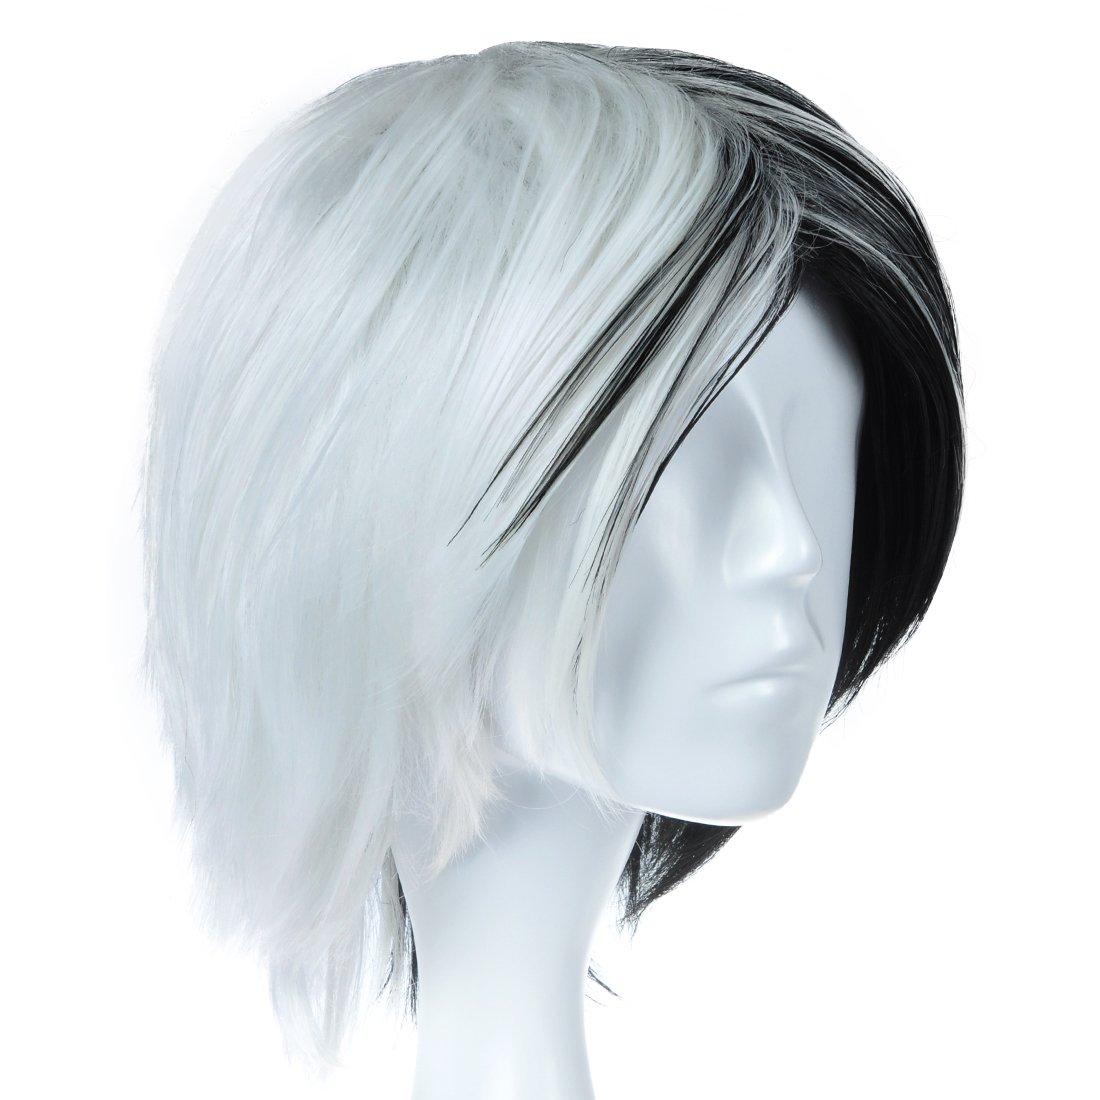 CoolChange Peluca de Monokuma de Dangan Ronpa Blanca y Negra